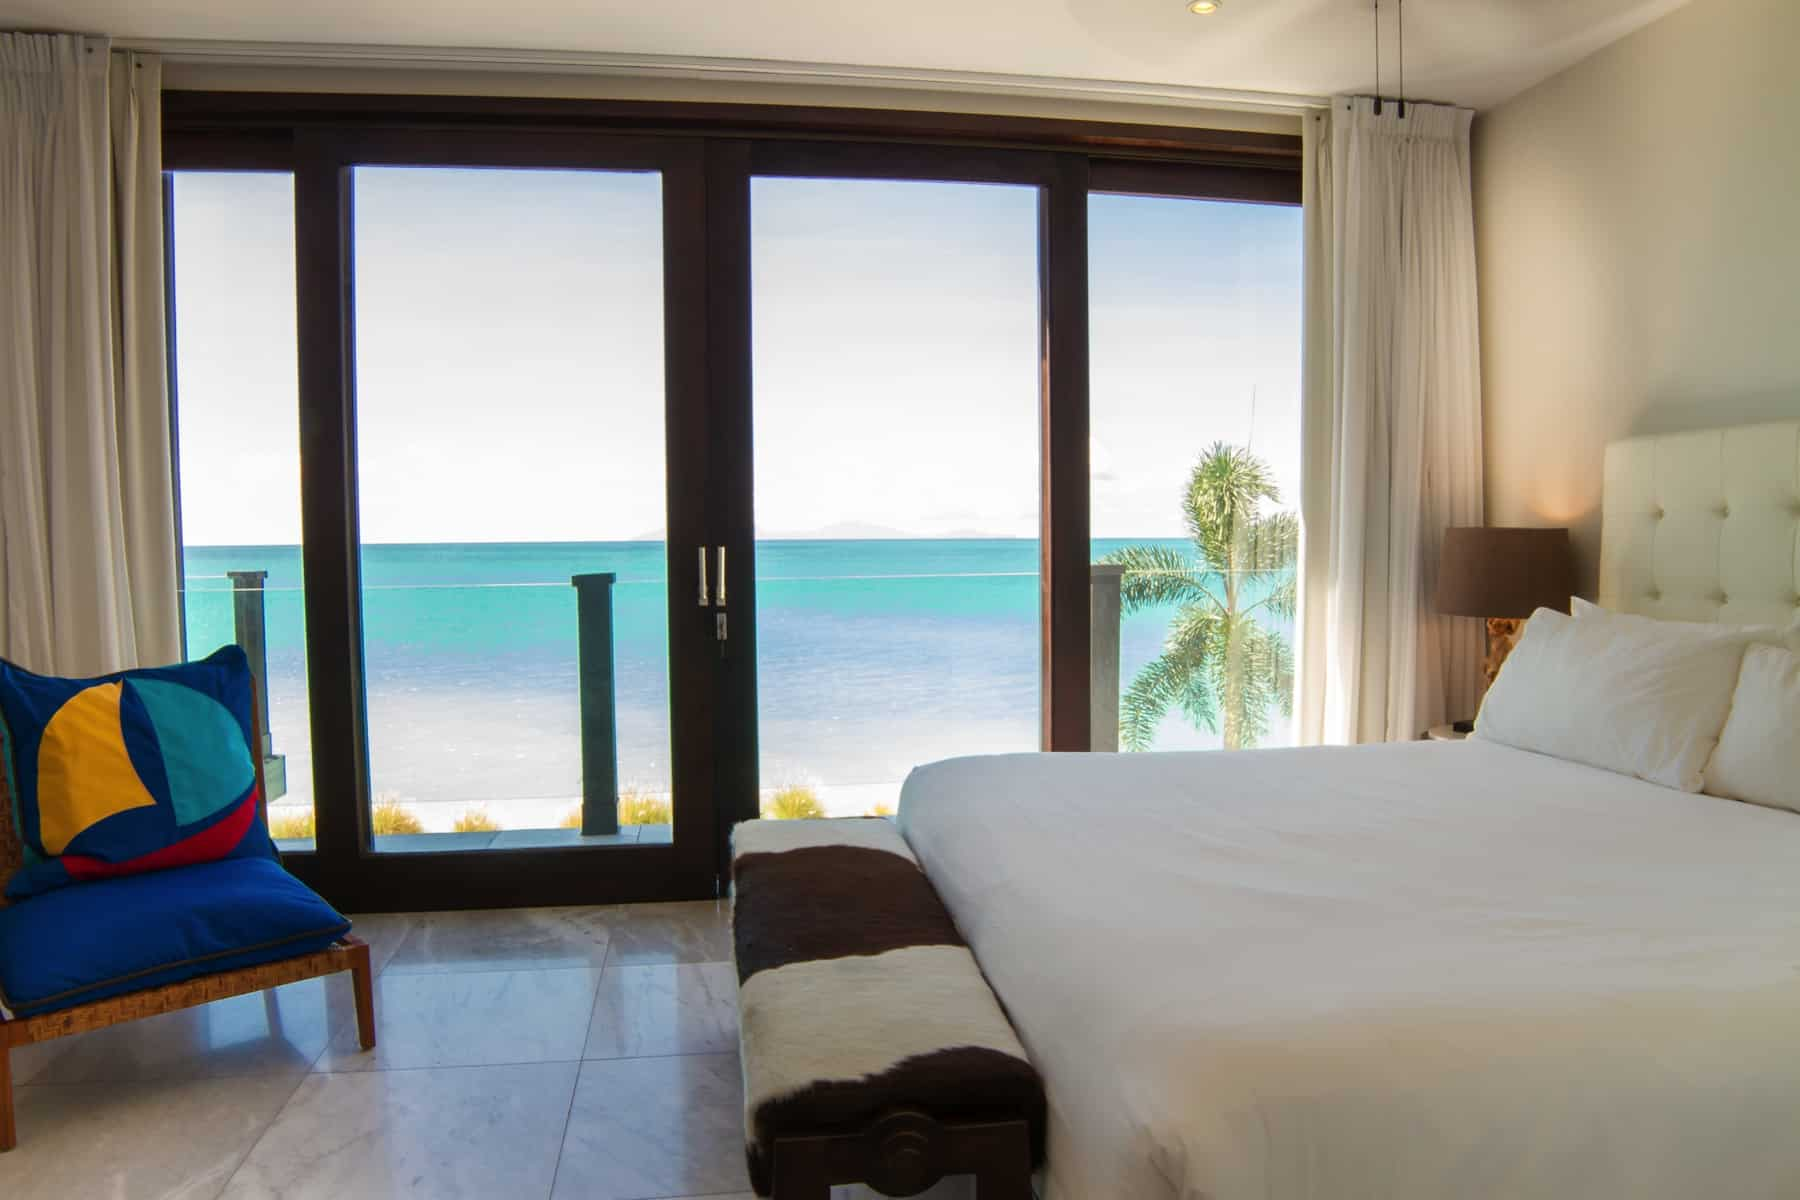 ocean view in bedroom